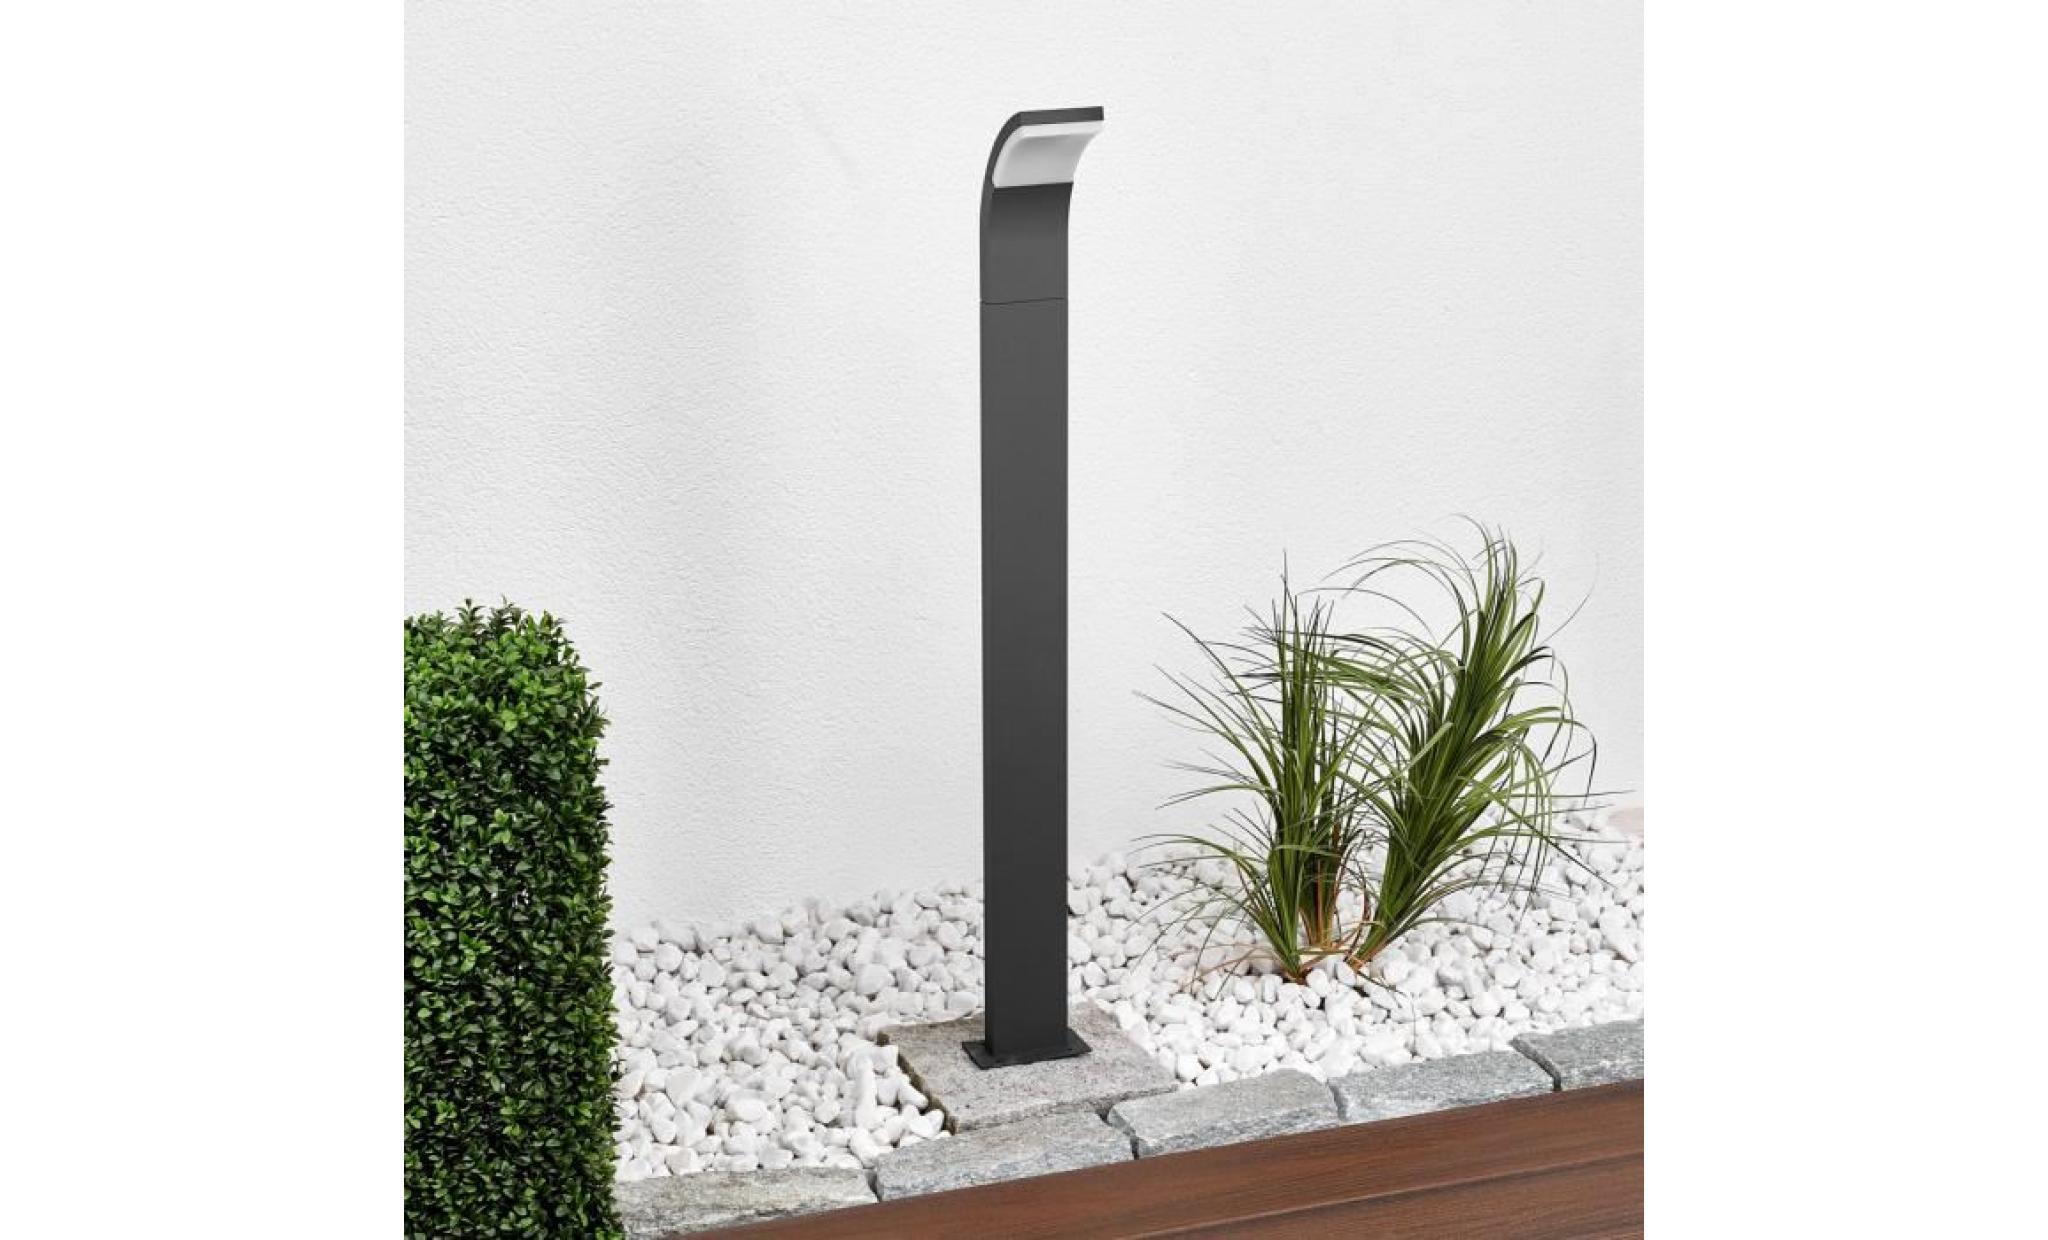 Borne lumineuse jardin borne d 39 ext rieur bird noir for Borne lumineuse de jardin